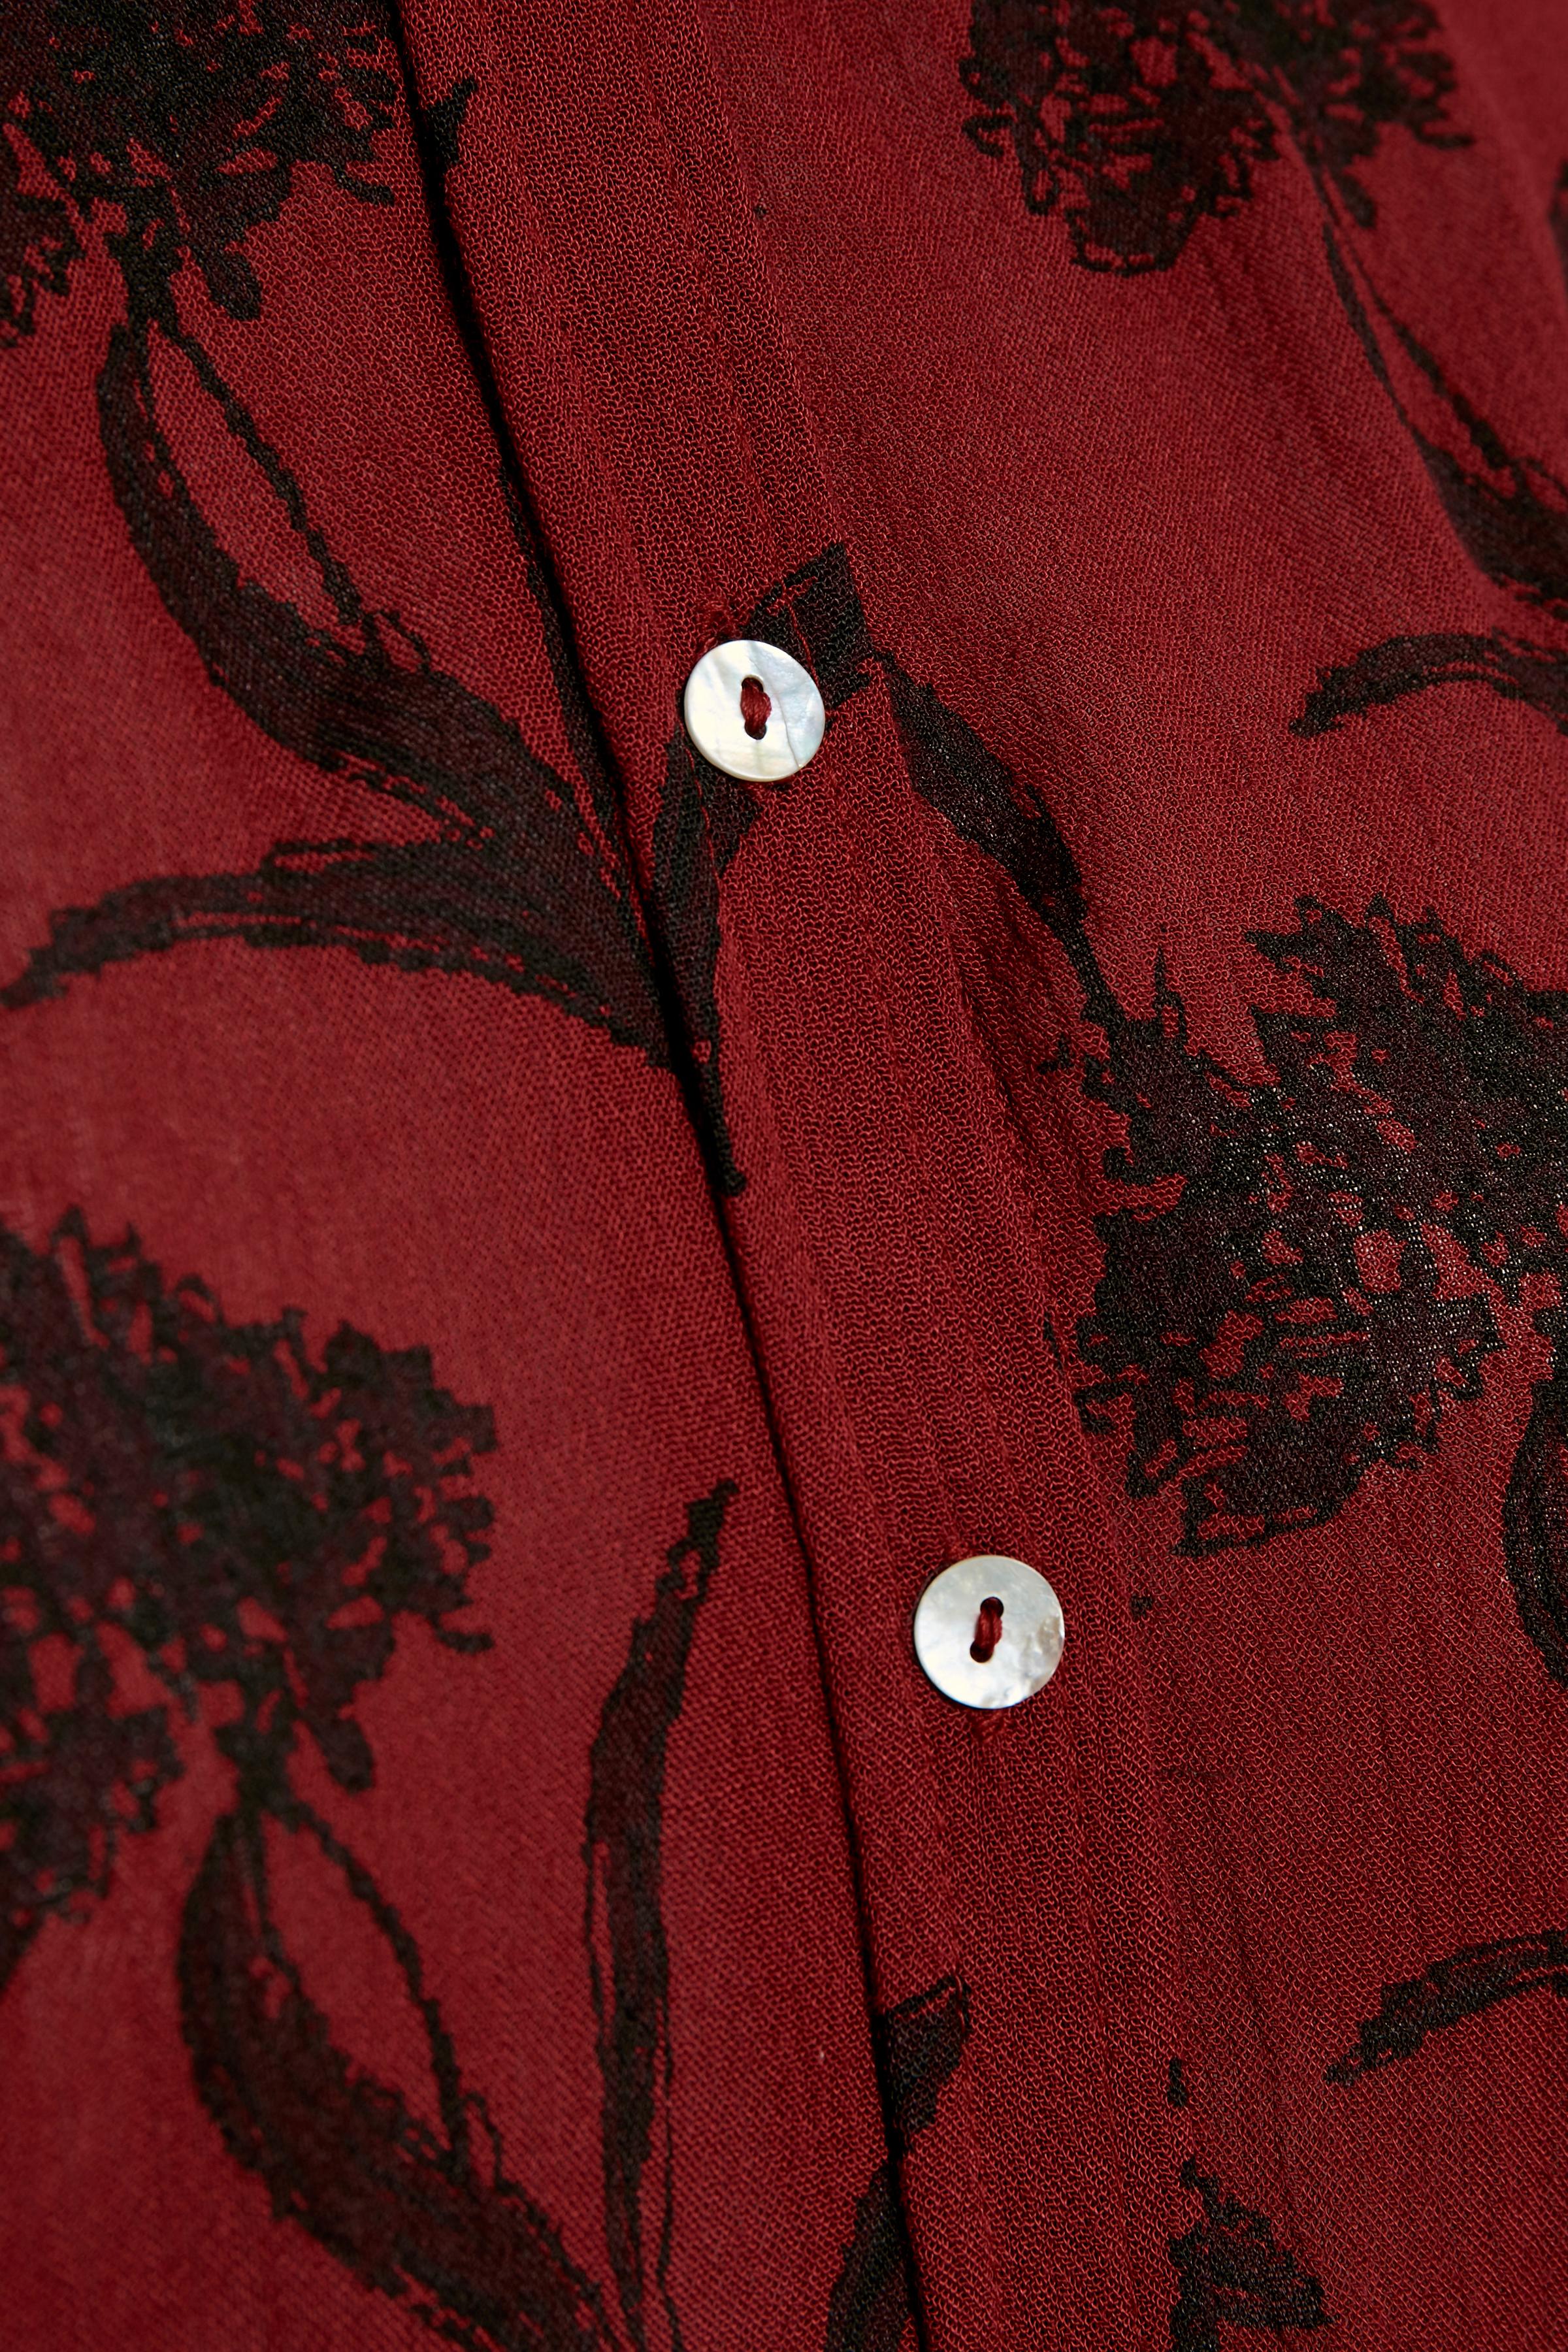 Mørkerød Langærmet skjorte fra Kaffe – Køb Mørkerød Langærmet skjorte fra str. 34-46 her